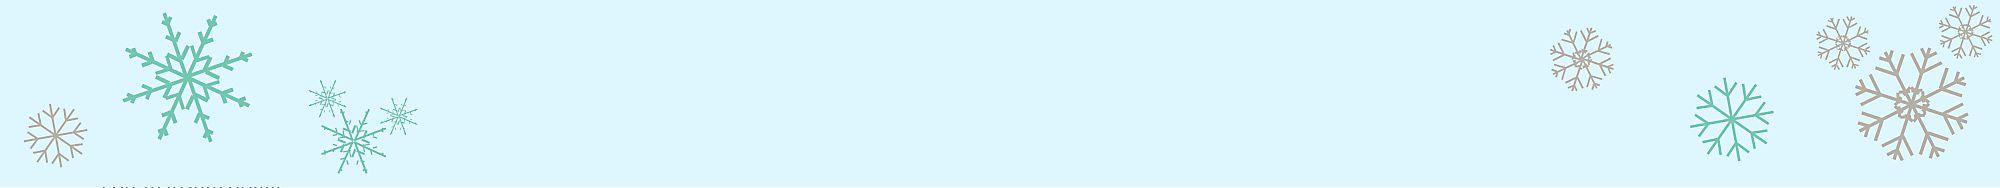 Für eine Lieferung vor Weihnachten 17. Dezember, 23.59 Uhr für Standardlieferung nach DeutschlandTauche   18. Dezember, 11.59 Uhr für Expresslieferung nach Deutschland ab einem Bestellwert von 49 Euro  Kostenlose Rücksendungen